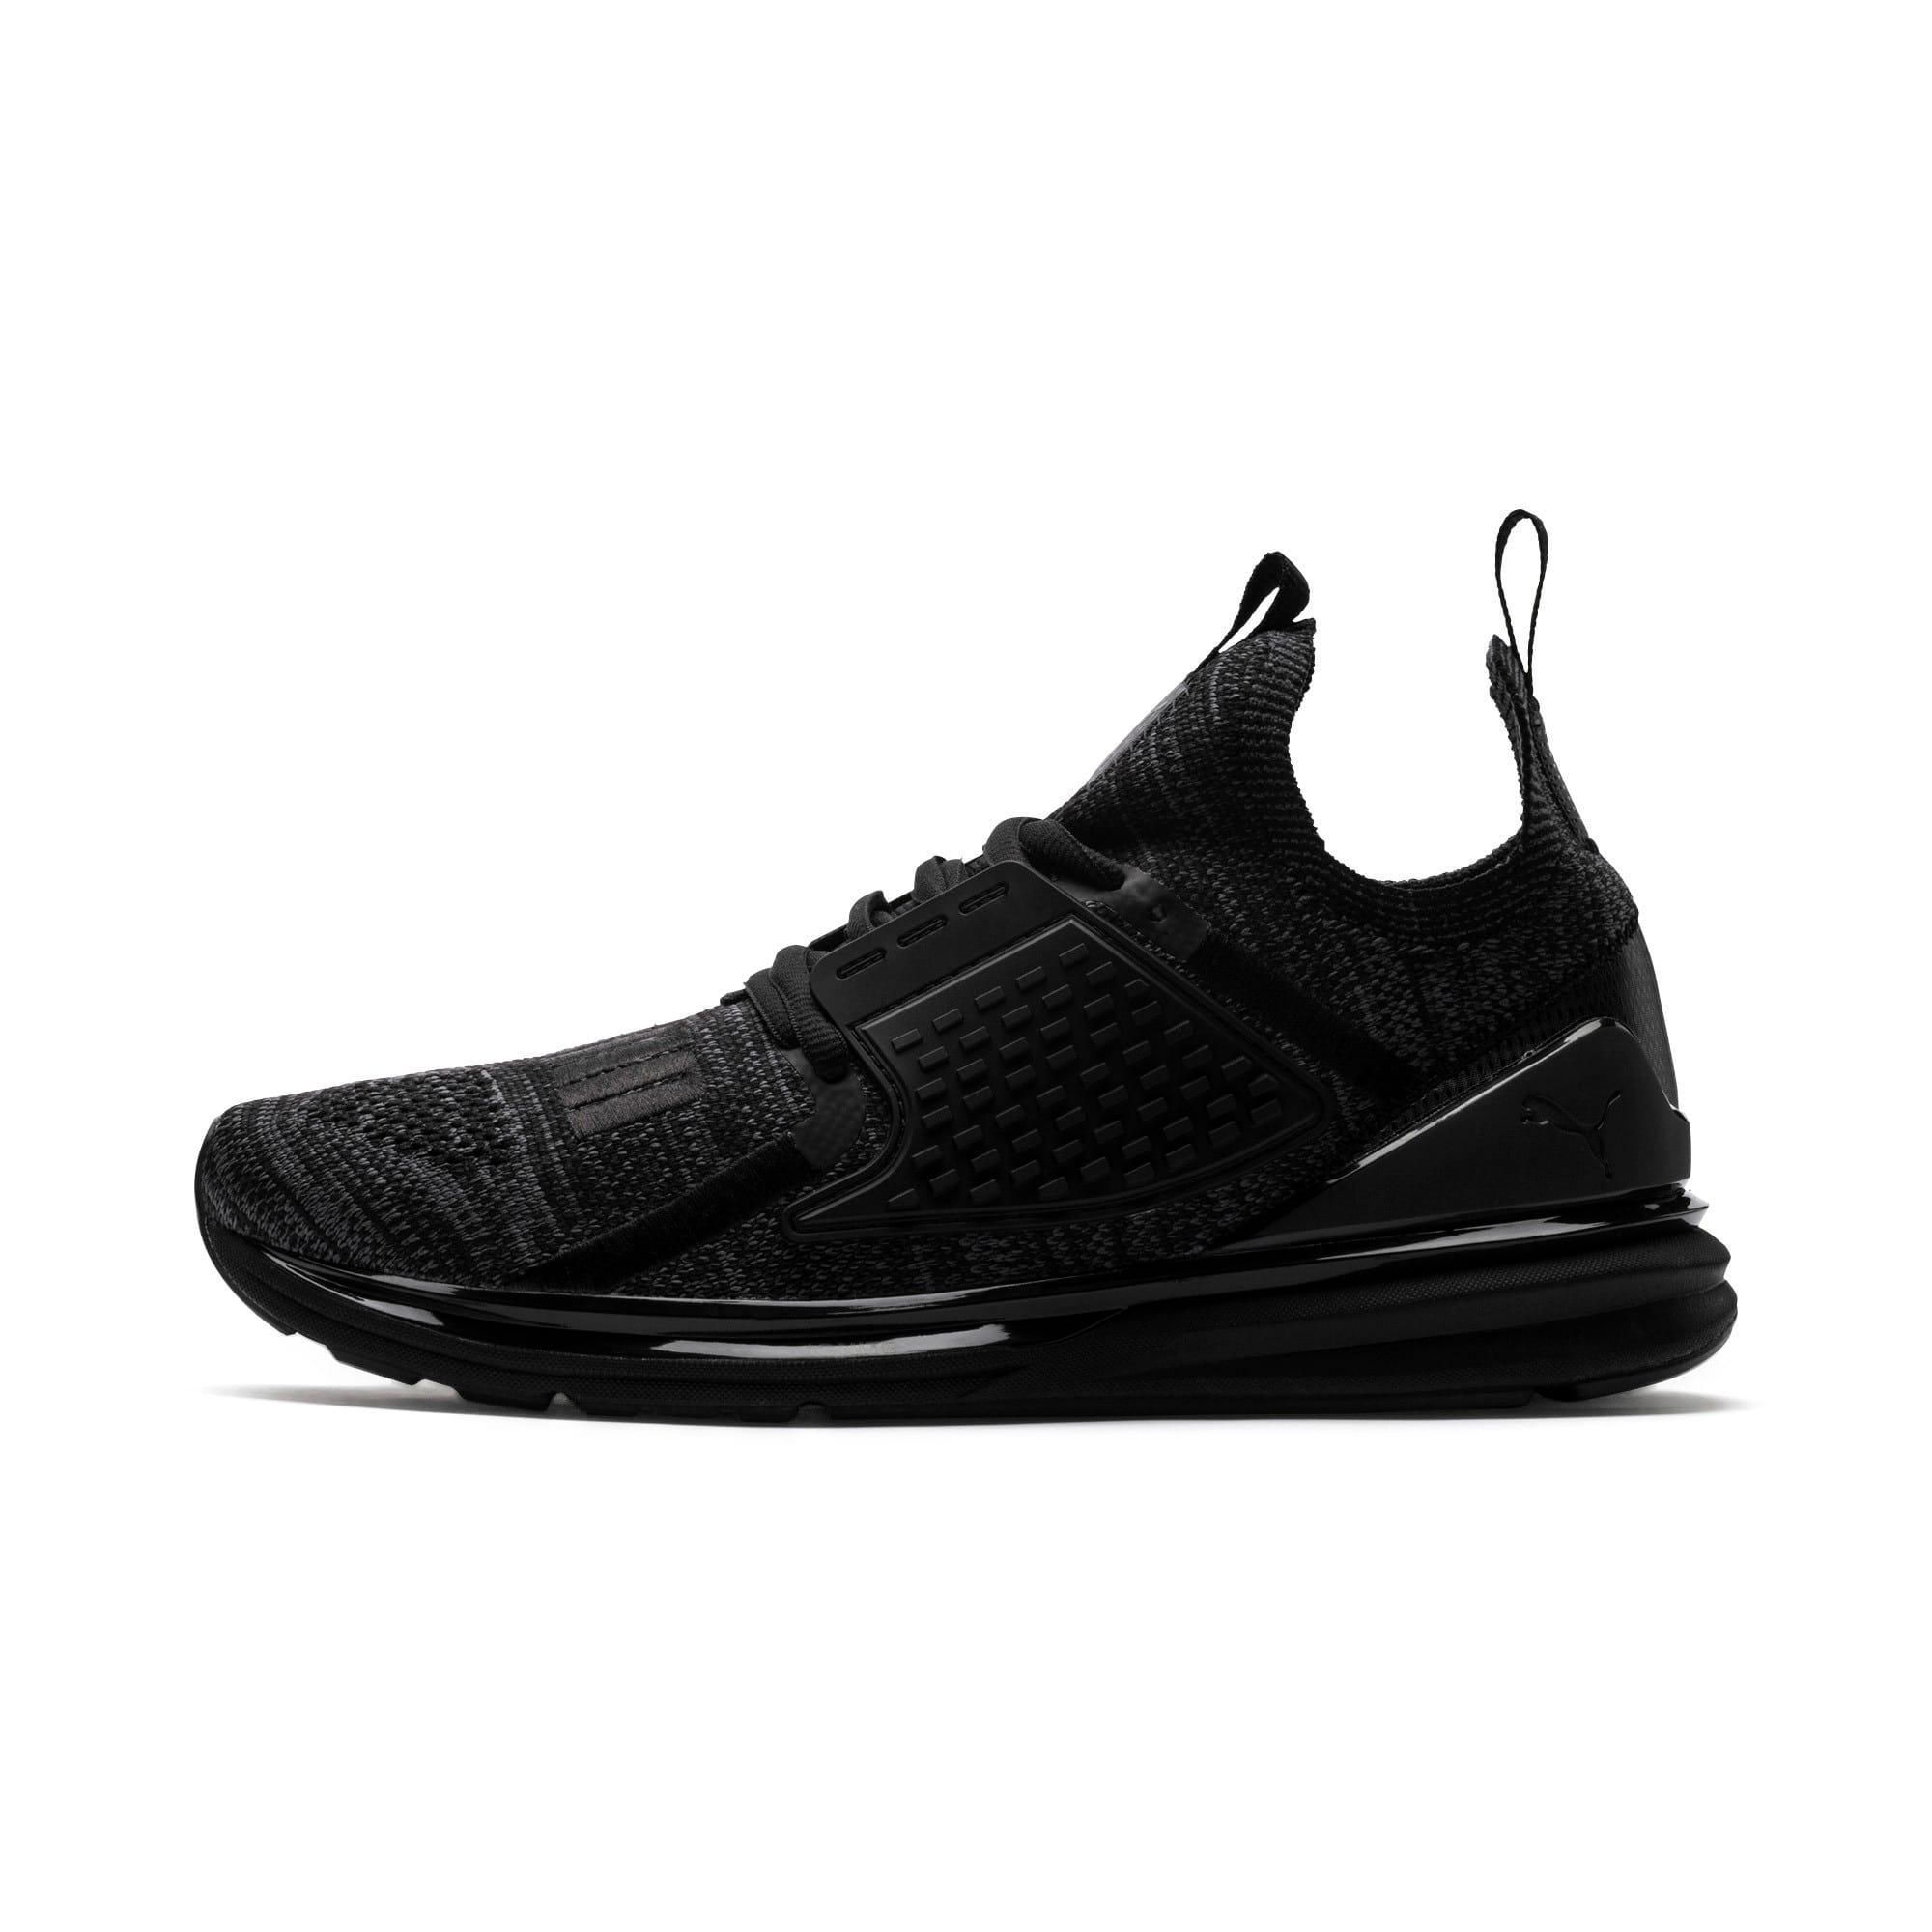 IGNITE Limitless 2 evoKNIT Sneakers | PUMA US